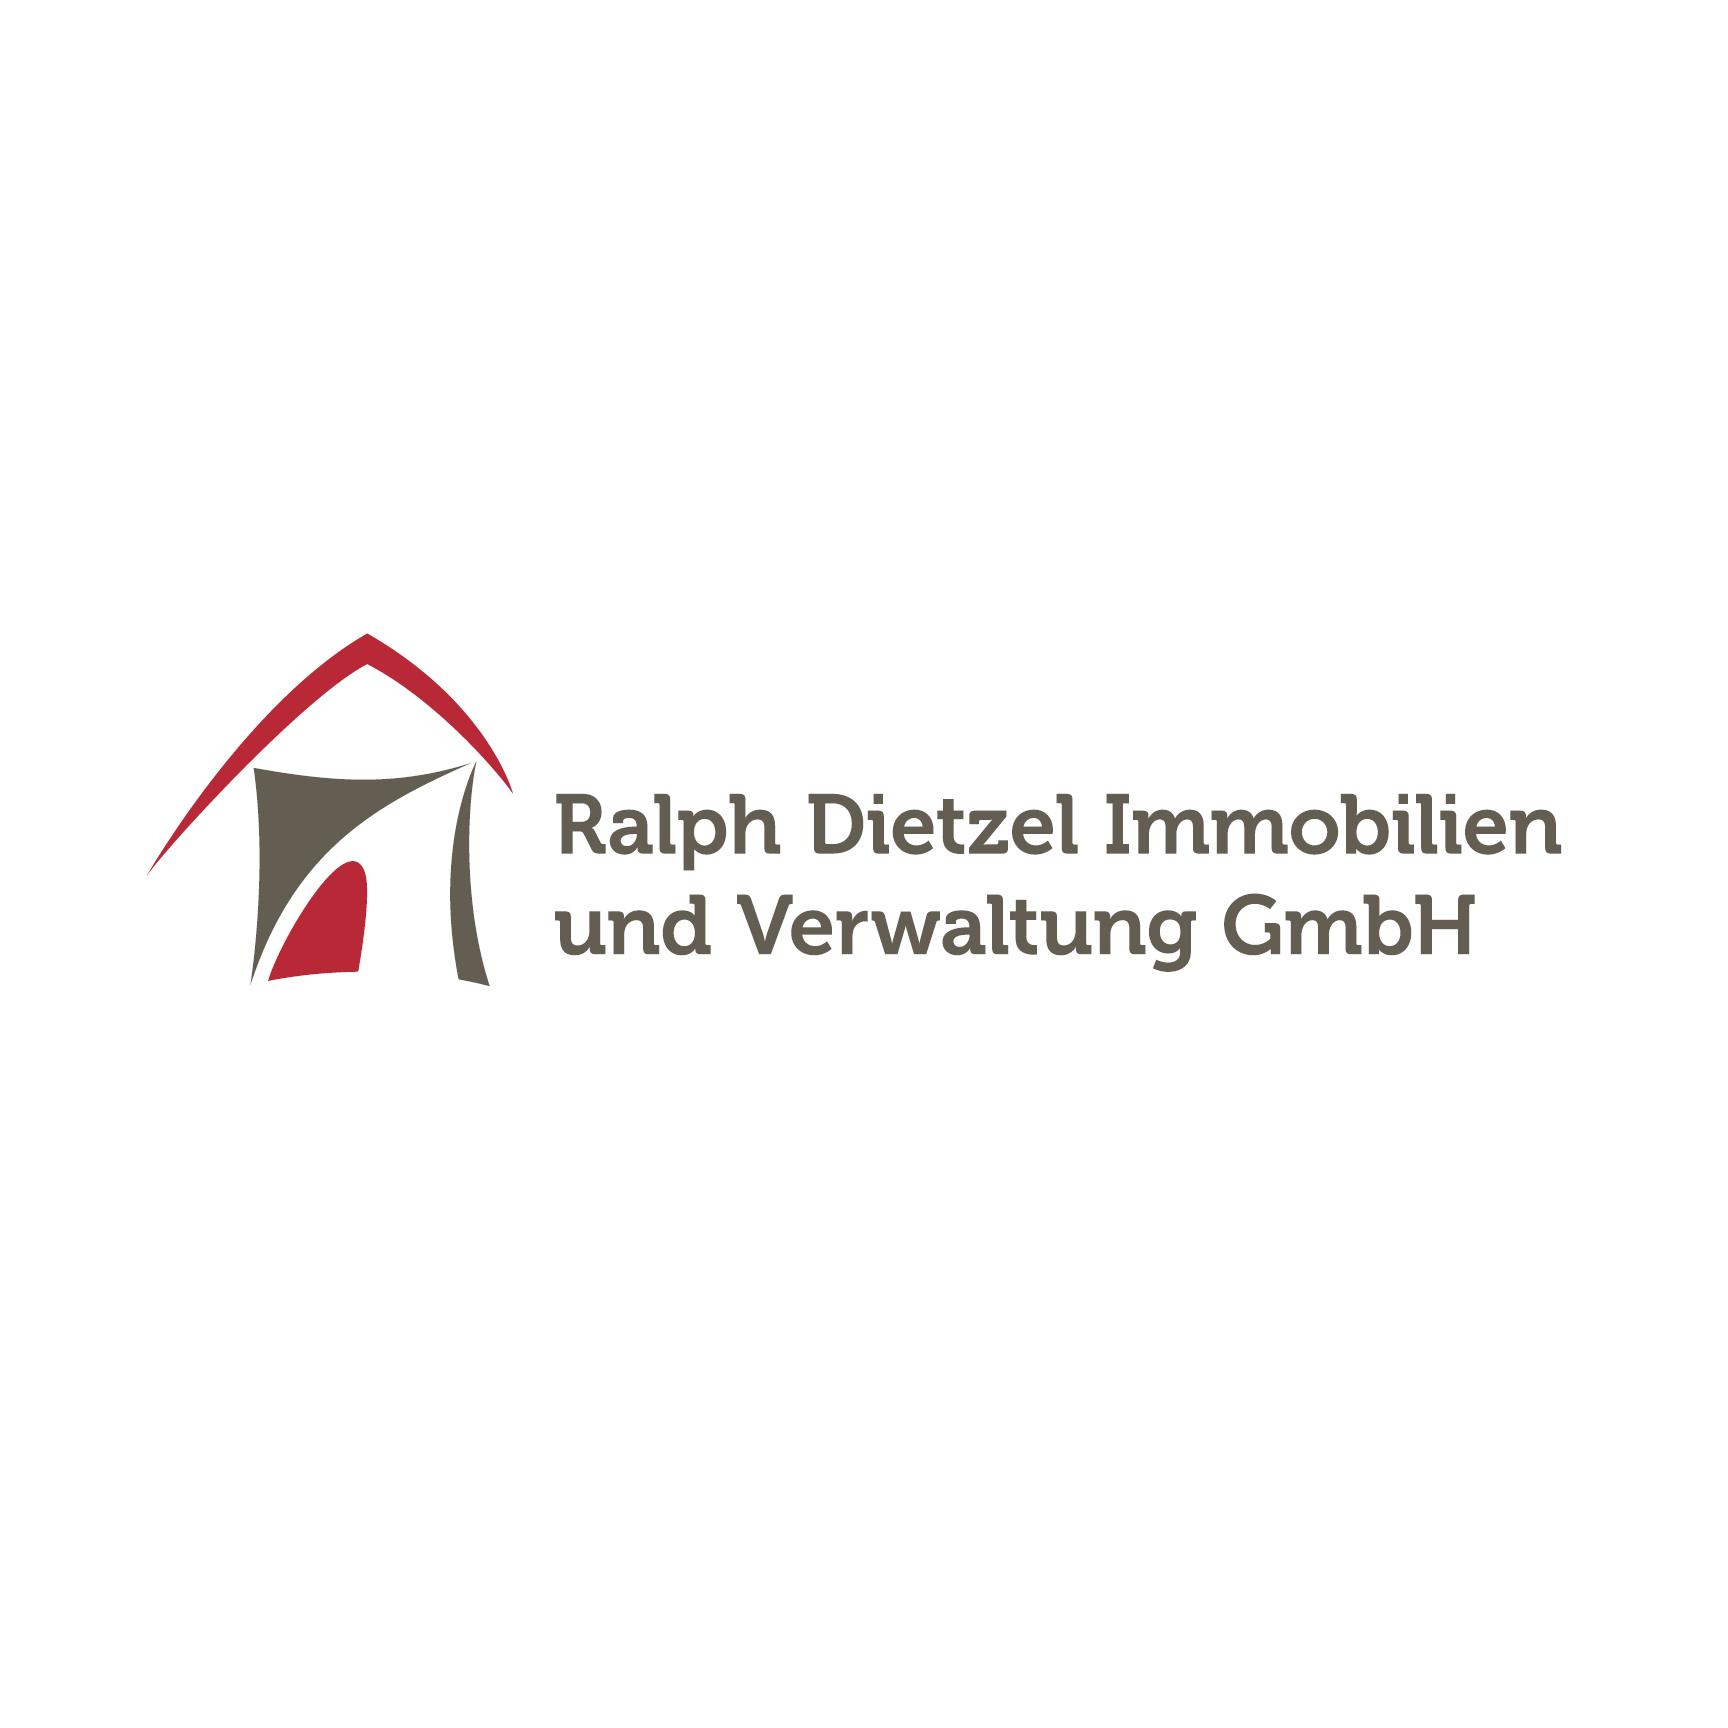 Ralph Dietzel Immobilien und Verwaltung GmbH